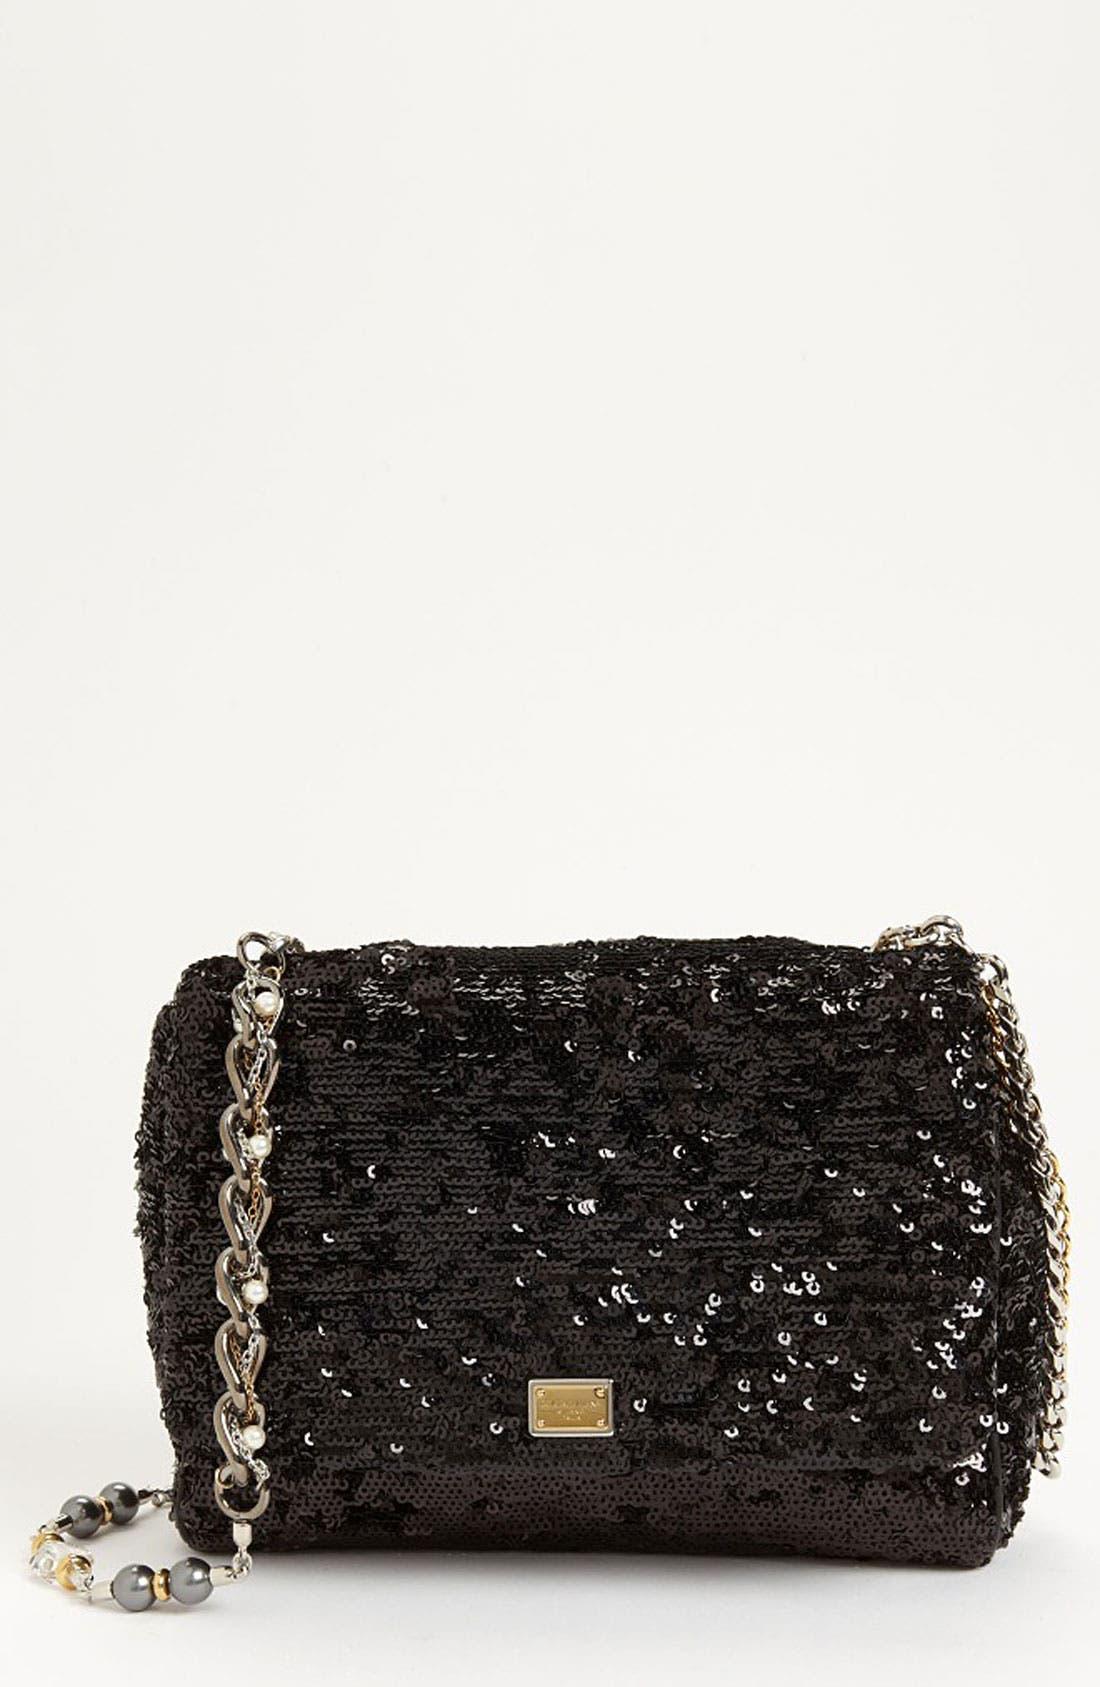 Main Image - Dolce&Gabbana 'Miss Charles' Sequin Shoulder Bag